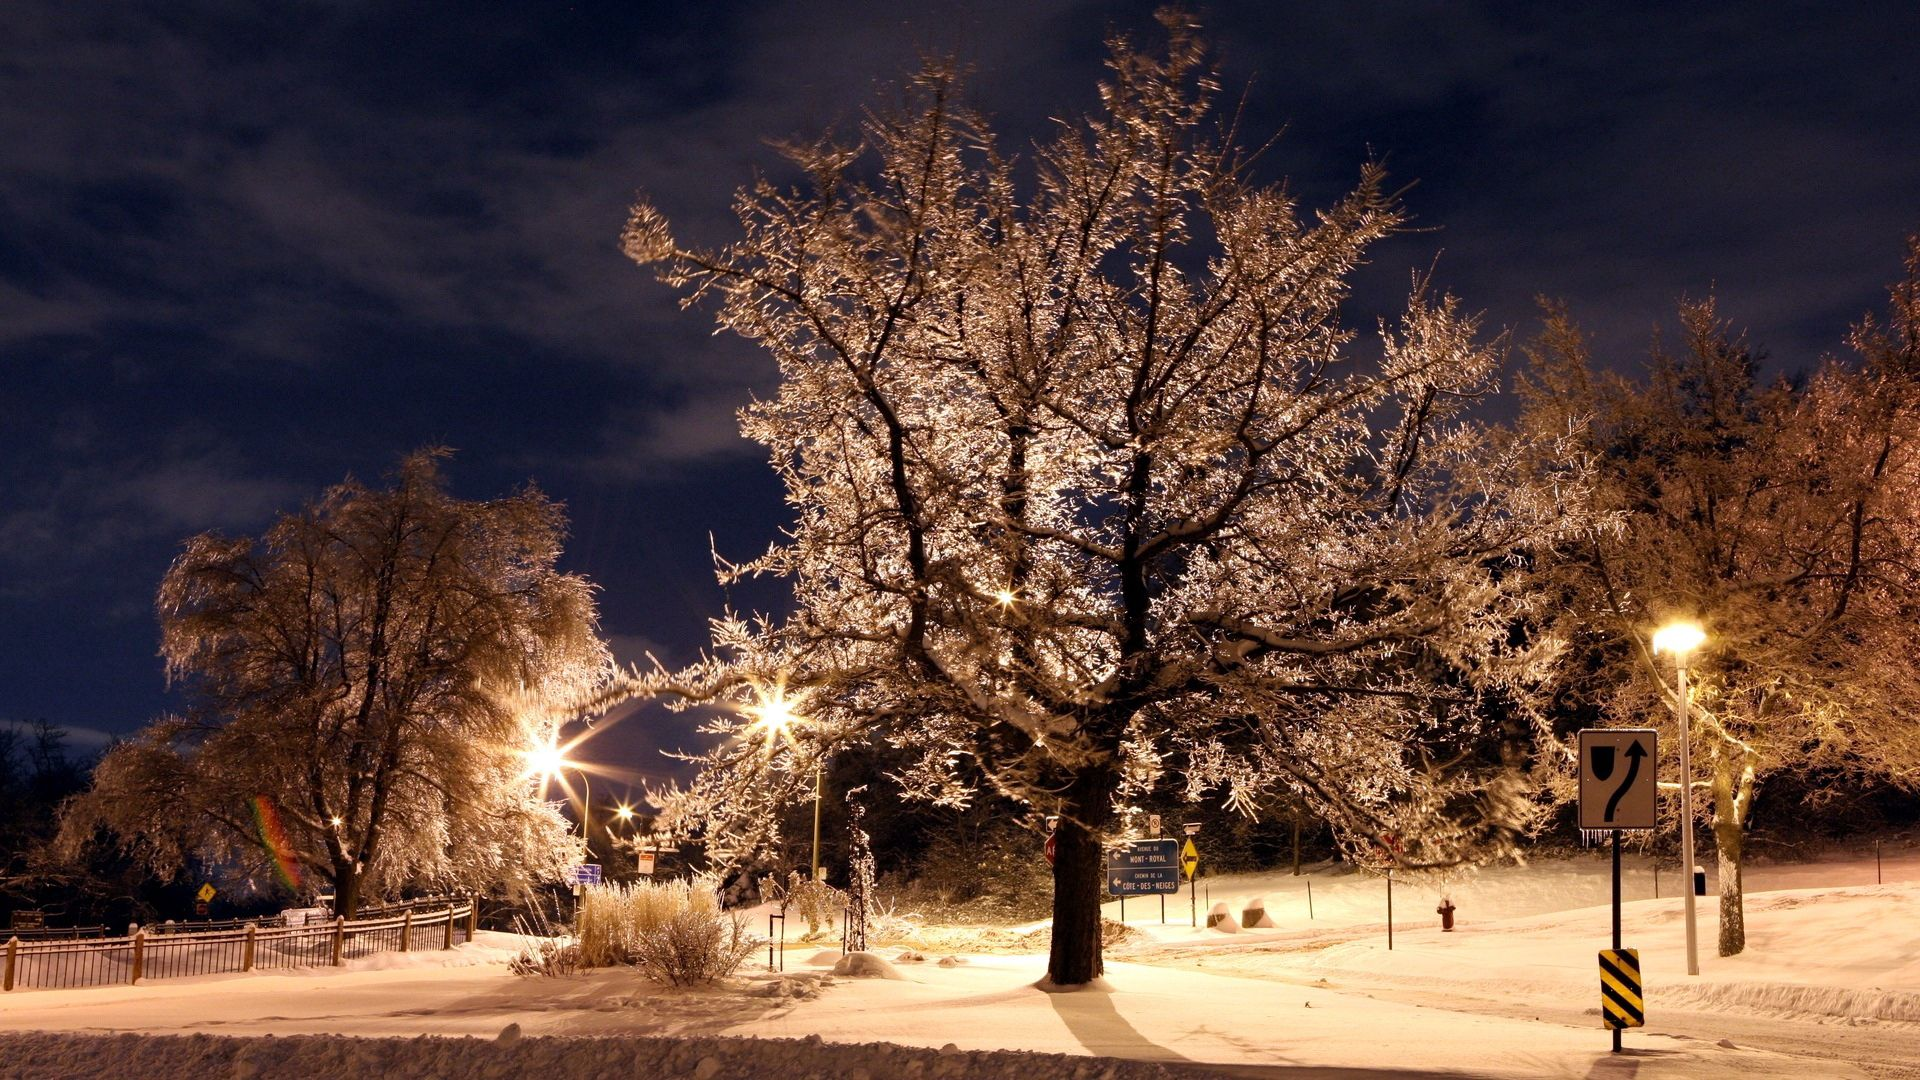 90684 скачать обои Зима, Природа, Деревья, Ночь, Знаки, Парк, Фонари, Иней - заставки и картинки бесплатно